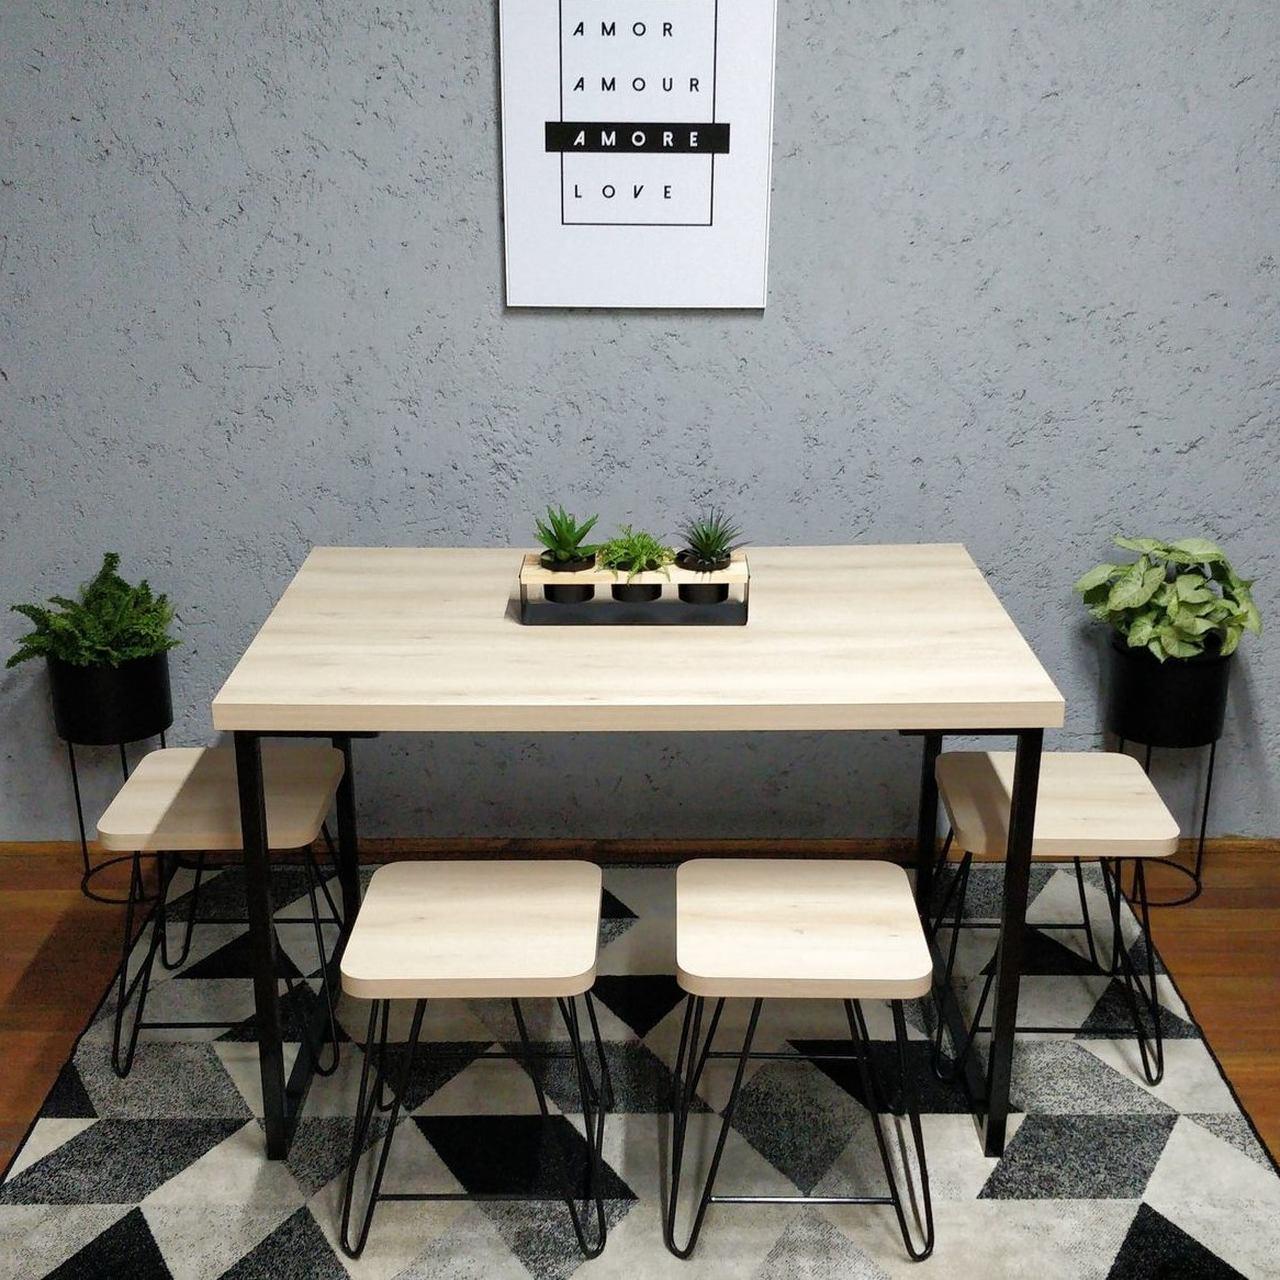 Mesa de Jantar com 2 Banquinhos Faia com Squared Legs e Tampo 100% MDF  - Mtne Store